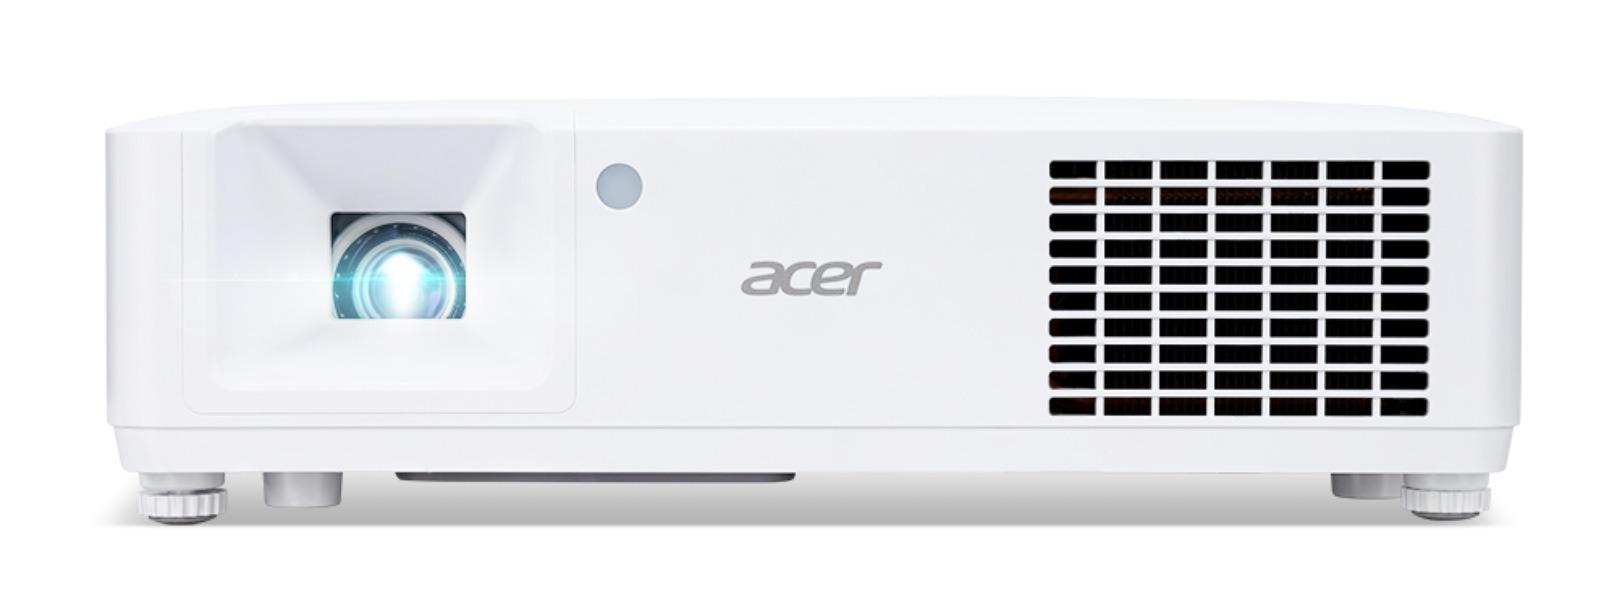 Acer presenta sus nuevos proyectores LED y láser